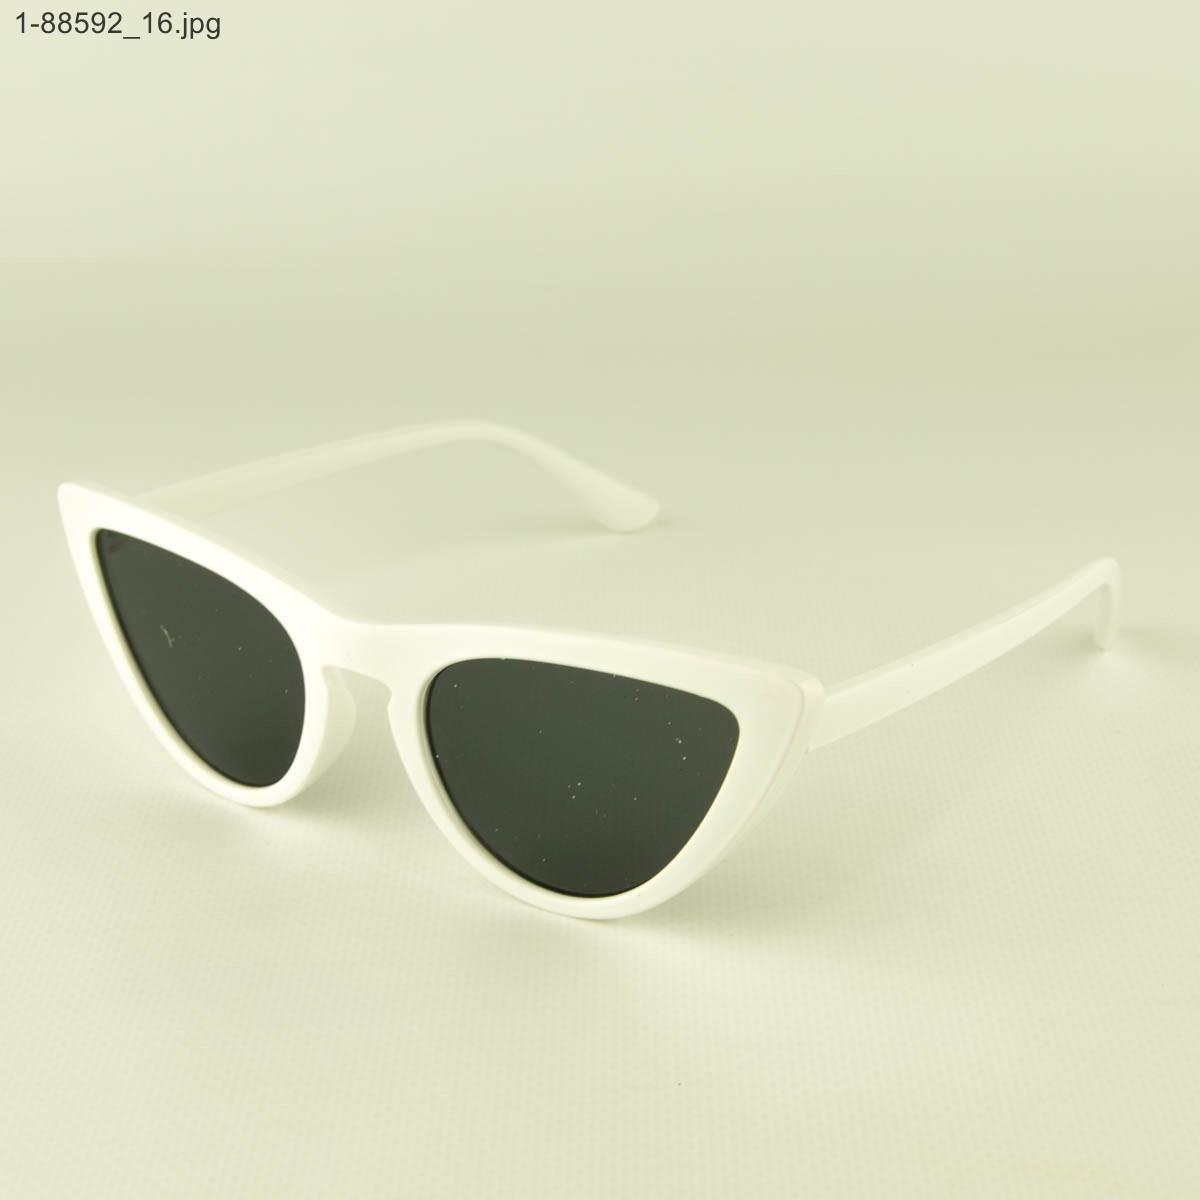 Женские очки кошачий глаз - Белые - 1-88592